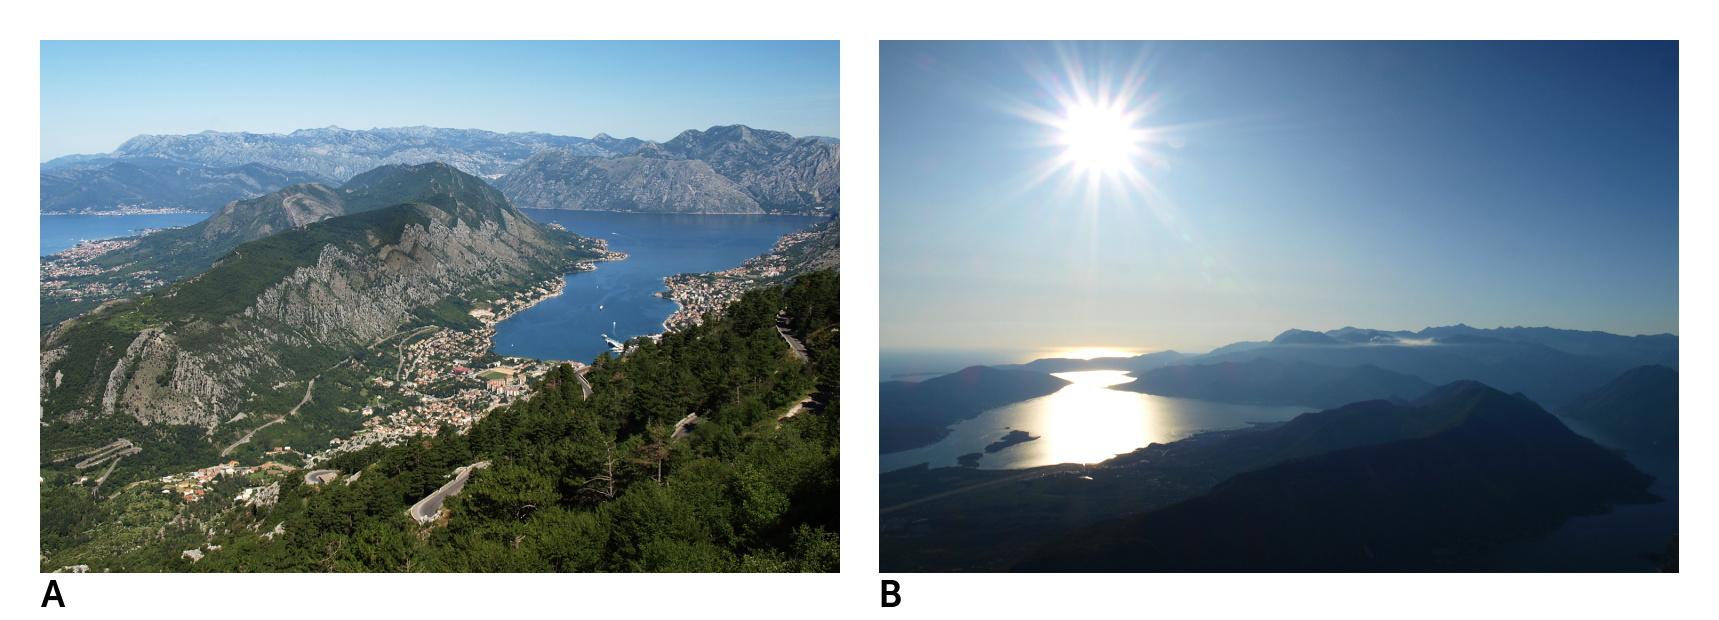 Dvakrát Boka Kotorska (foceno z různých stanovišť). Obojí Olympus E-510, objektiv 14-42 mm. Vlevo: 1/160 s, F7.1, ISO 100, ohnisko (EQ35) 28 mm, vyfoceno 27. července v 10.37. Vpravo: 1/60 s, F20, ISO 100, ohnisko (EQ35) 28 mm, vyfoceno 27. července v 18.34. Obojí upraveno v ZPS, po ořezu.